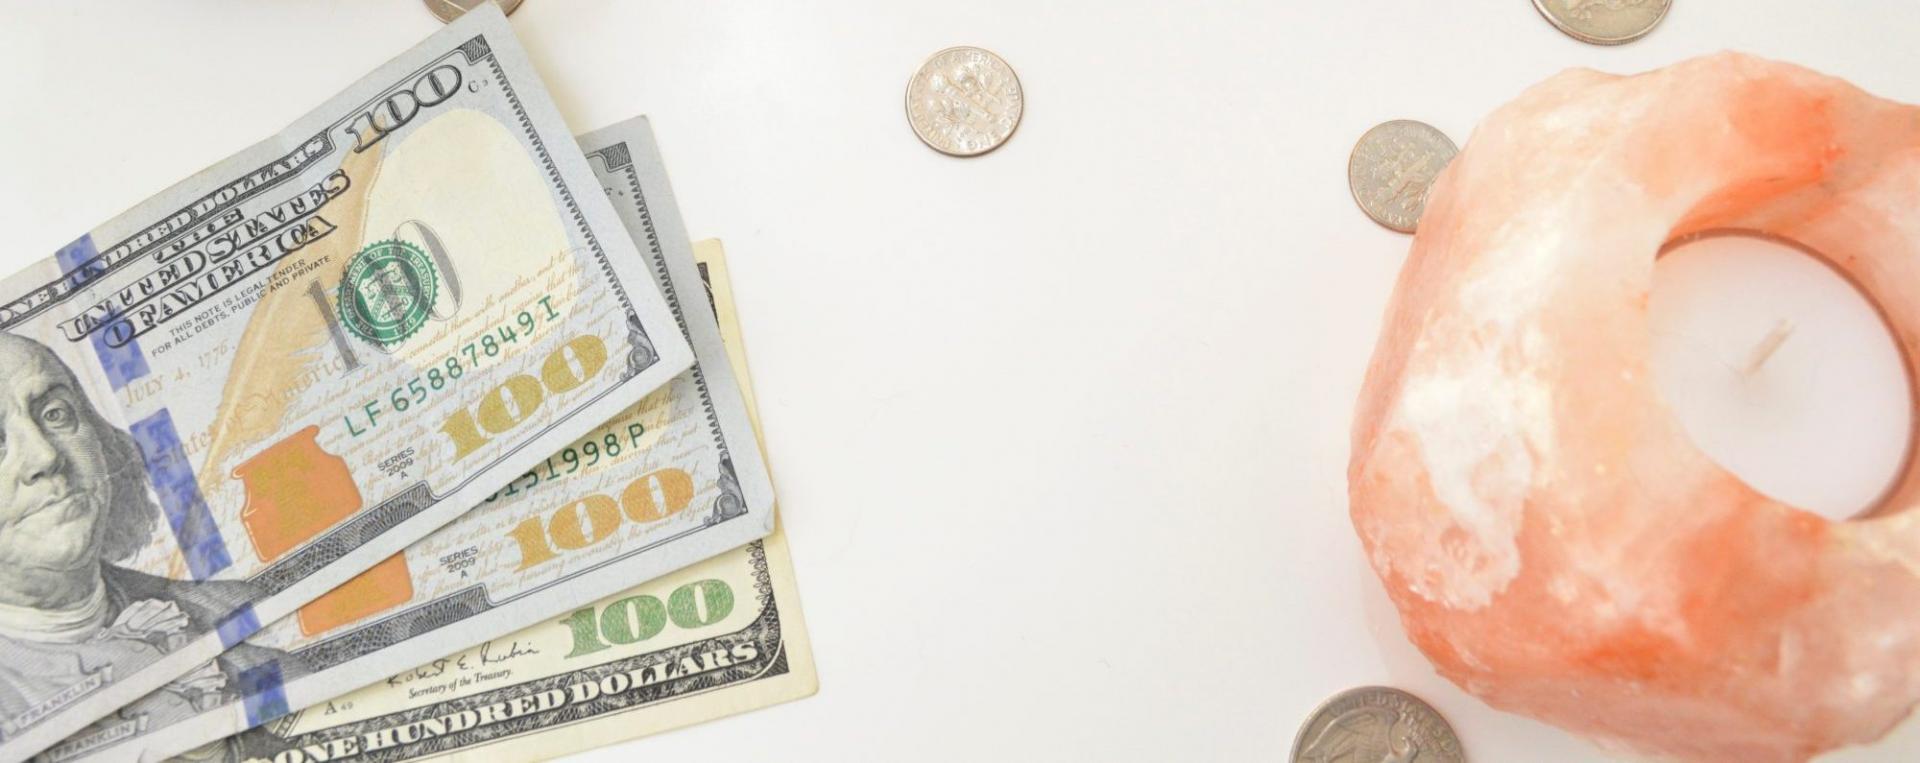 Сколько нужно денег на проживание в Китае студенту?